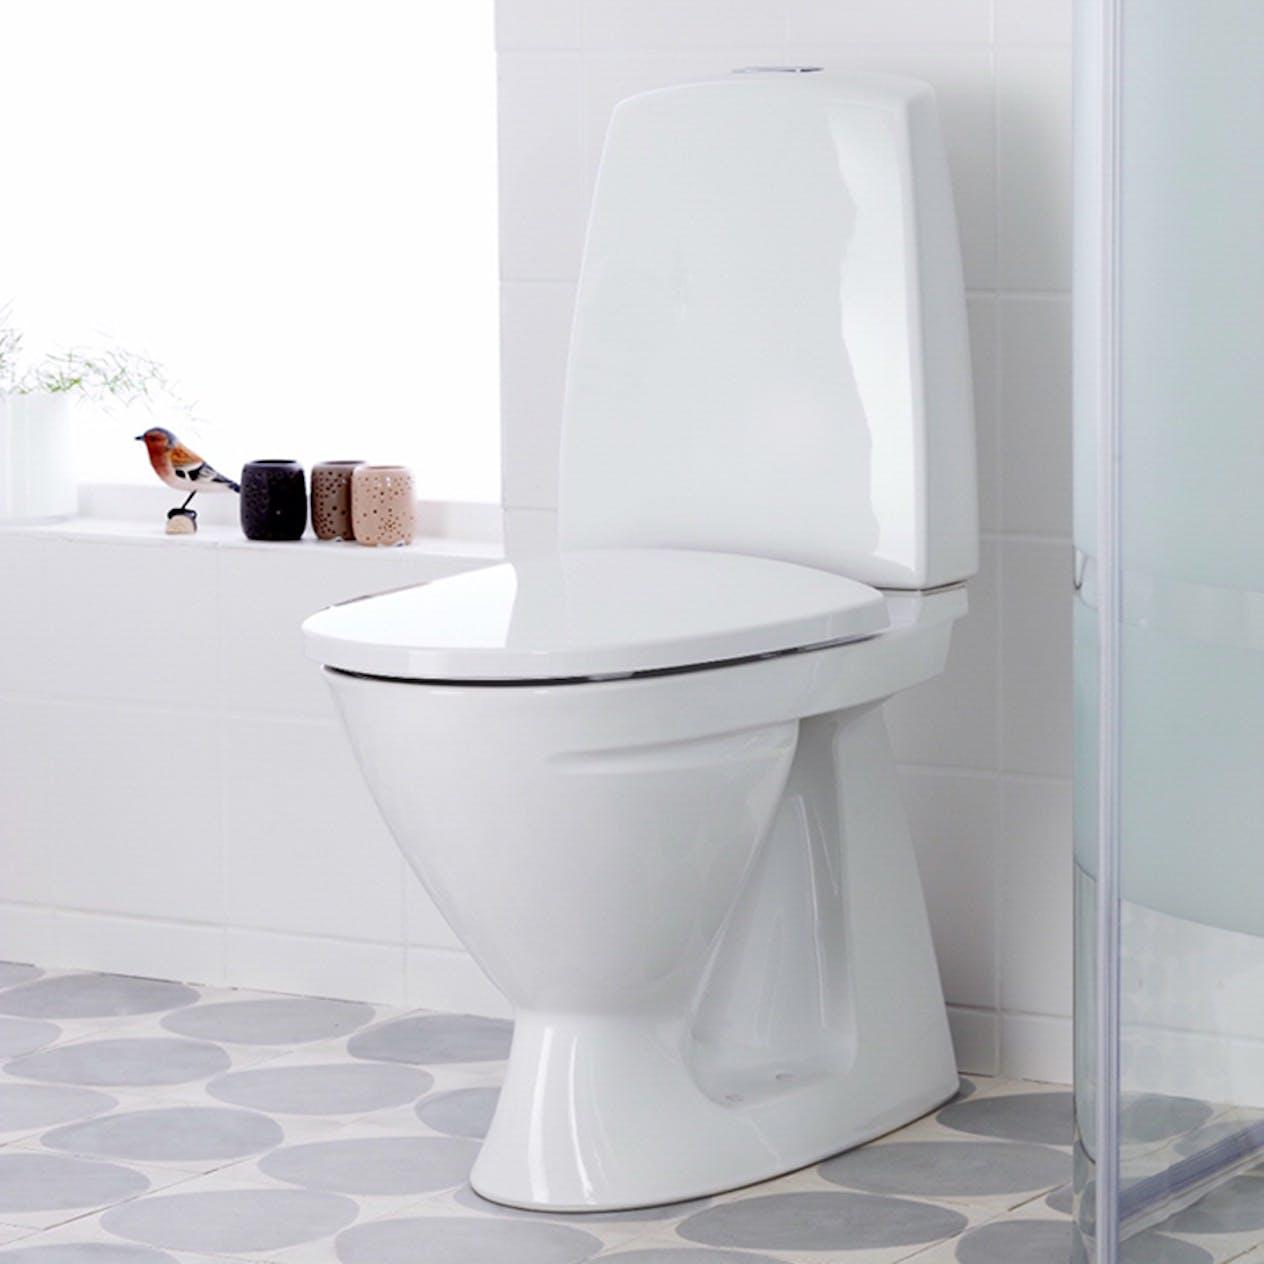 Usædvanlig Toalettstol Ifö Sign 6861 för Limning 686106511010 GD61